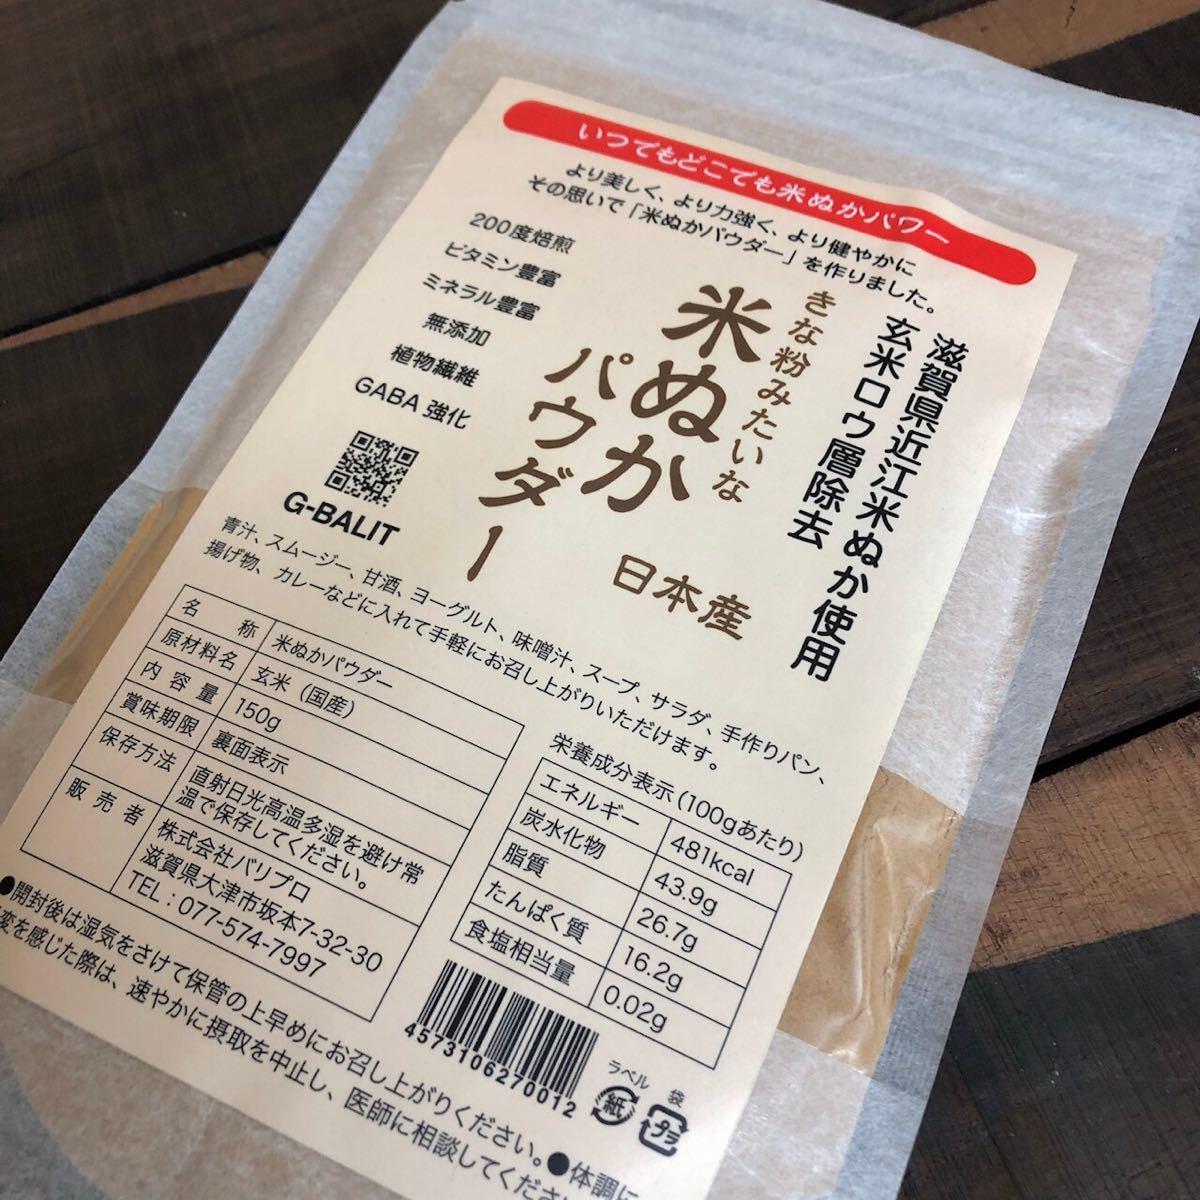 きな粉のような米ぬかパウダー 500g 滋賀県産無農薬近江米ぬか使用 米ぬか 無添加 食物繊維 ビタミン B ビタミンE ミネラル UP HADOO_画像4